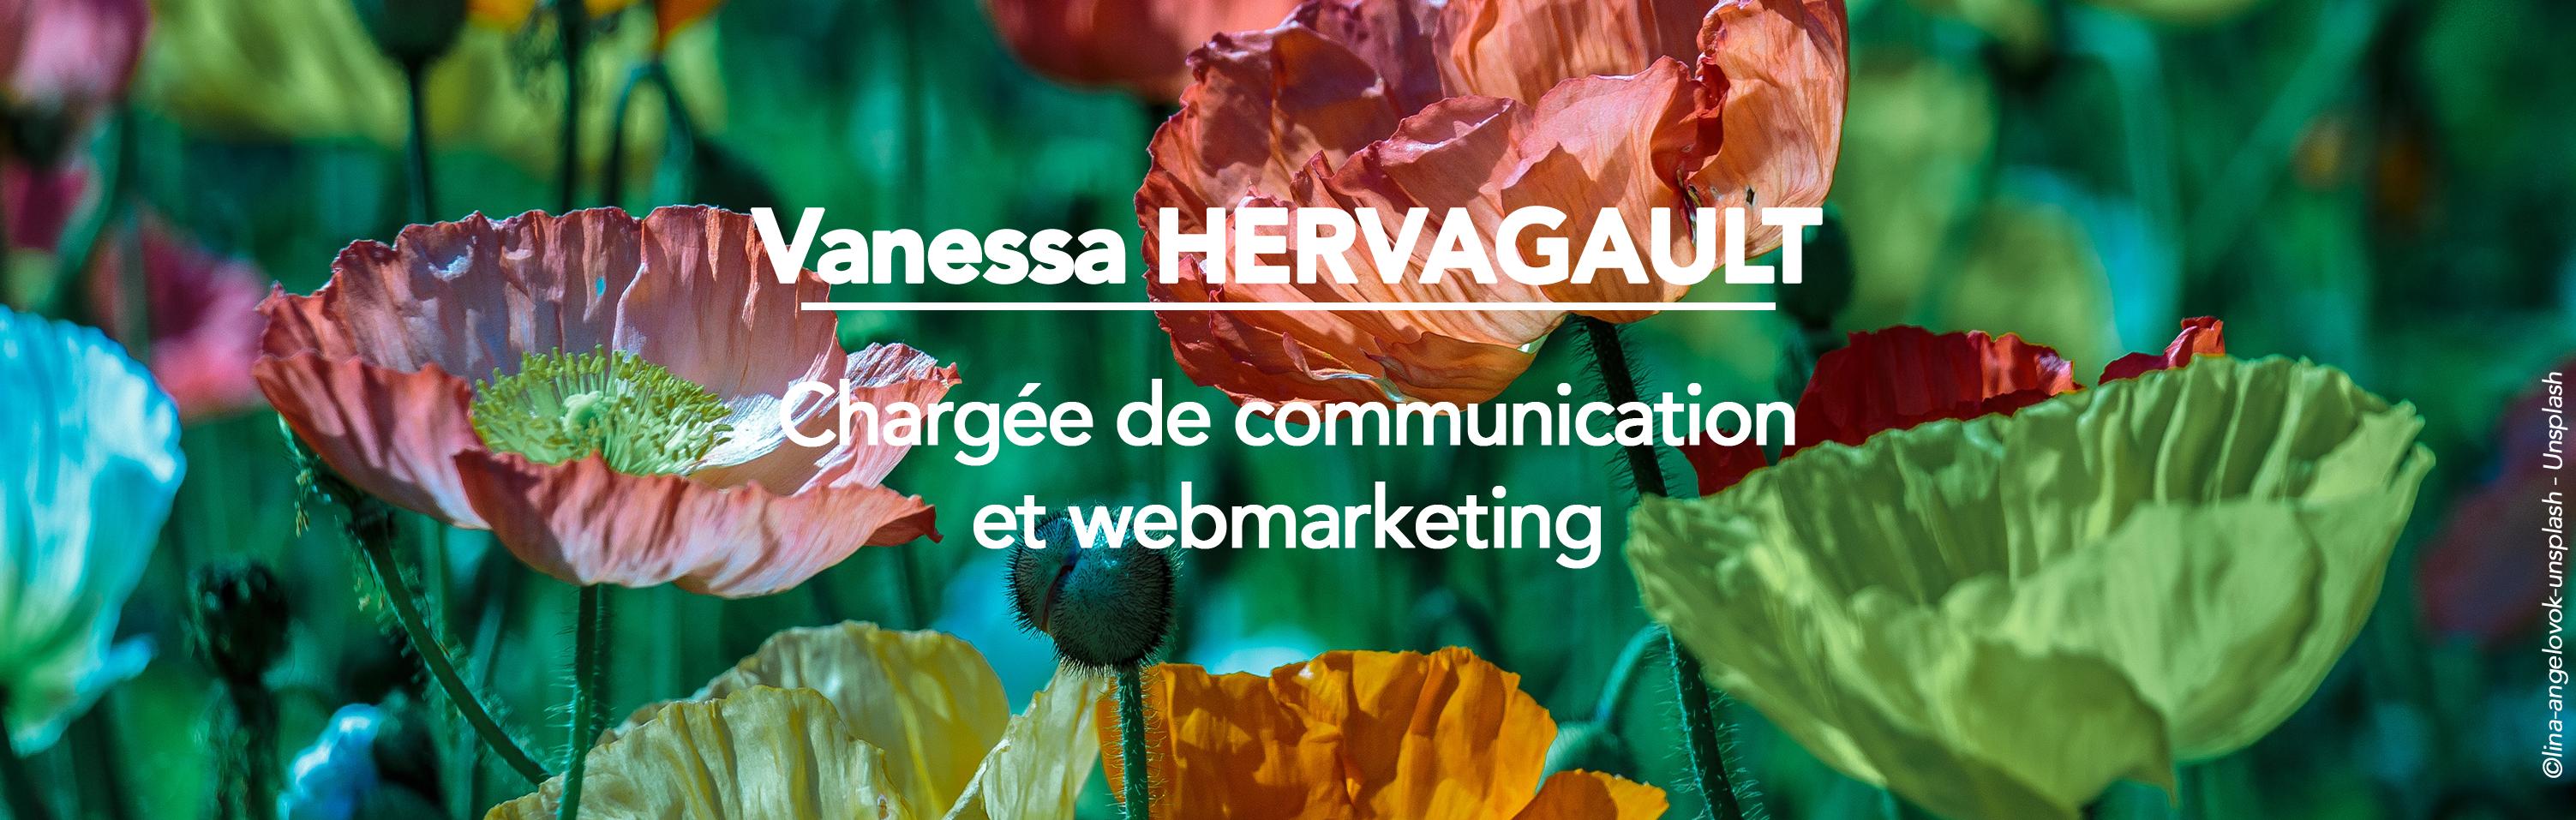 Header- Site web - Vanessa HERVAGAULT